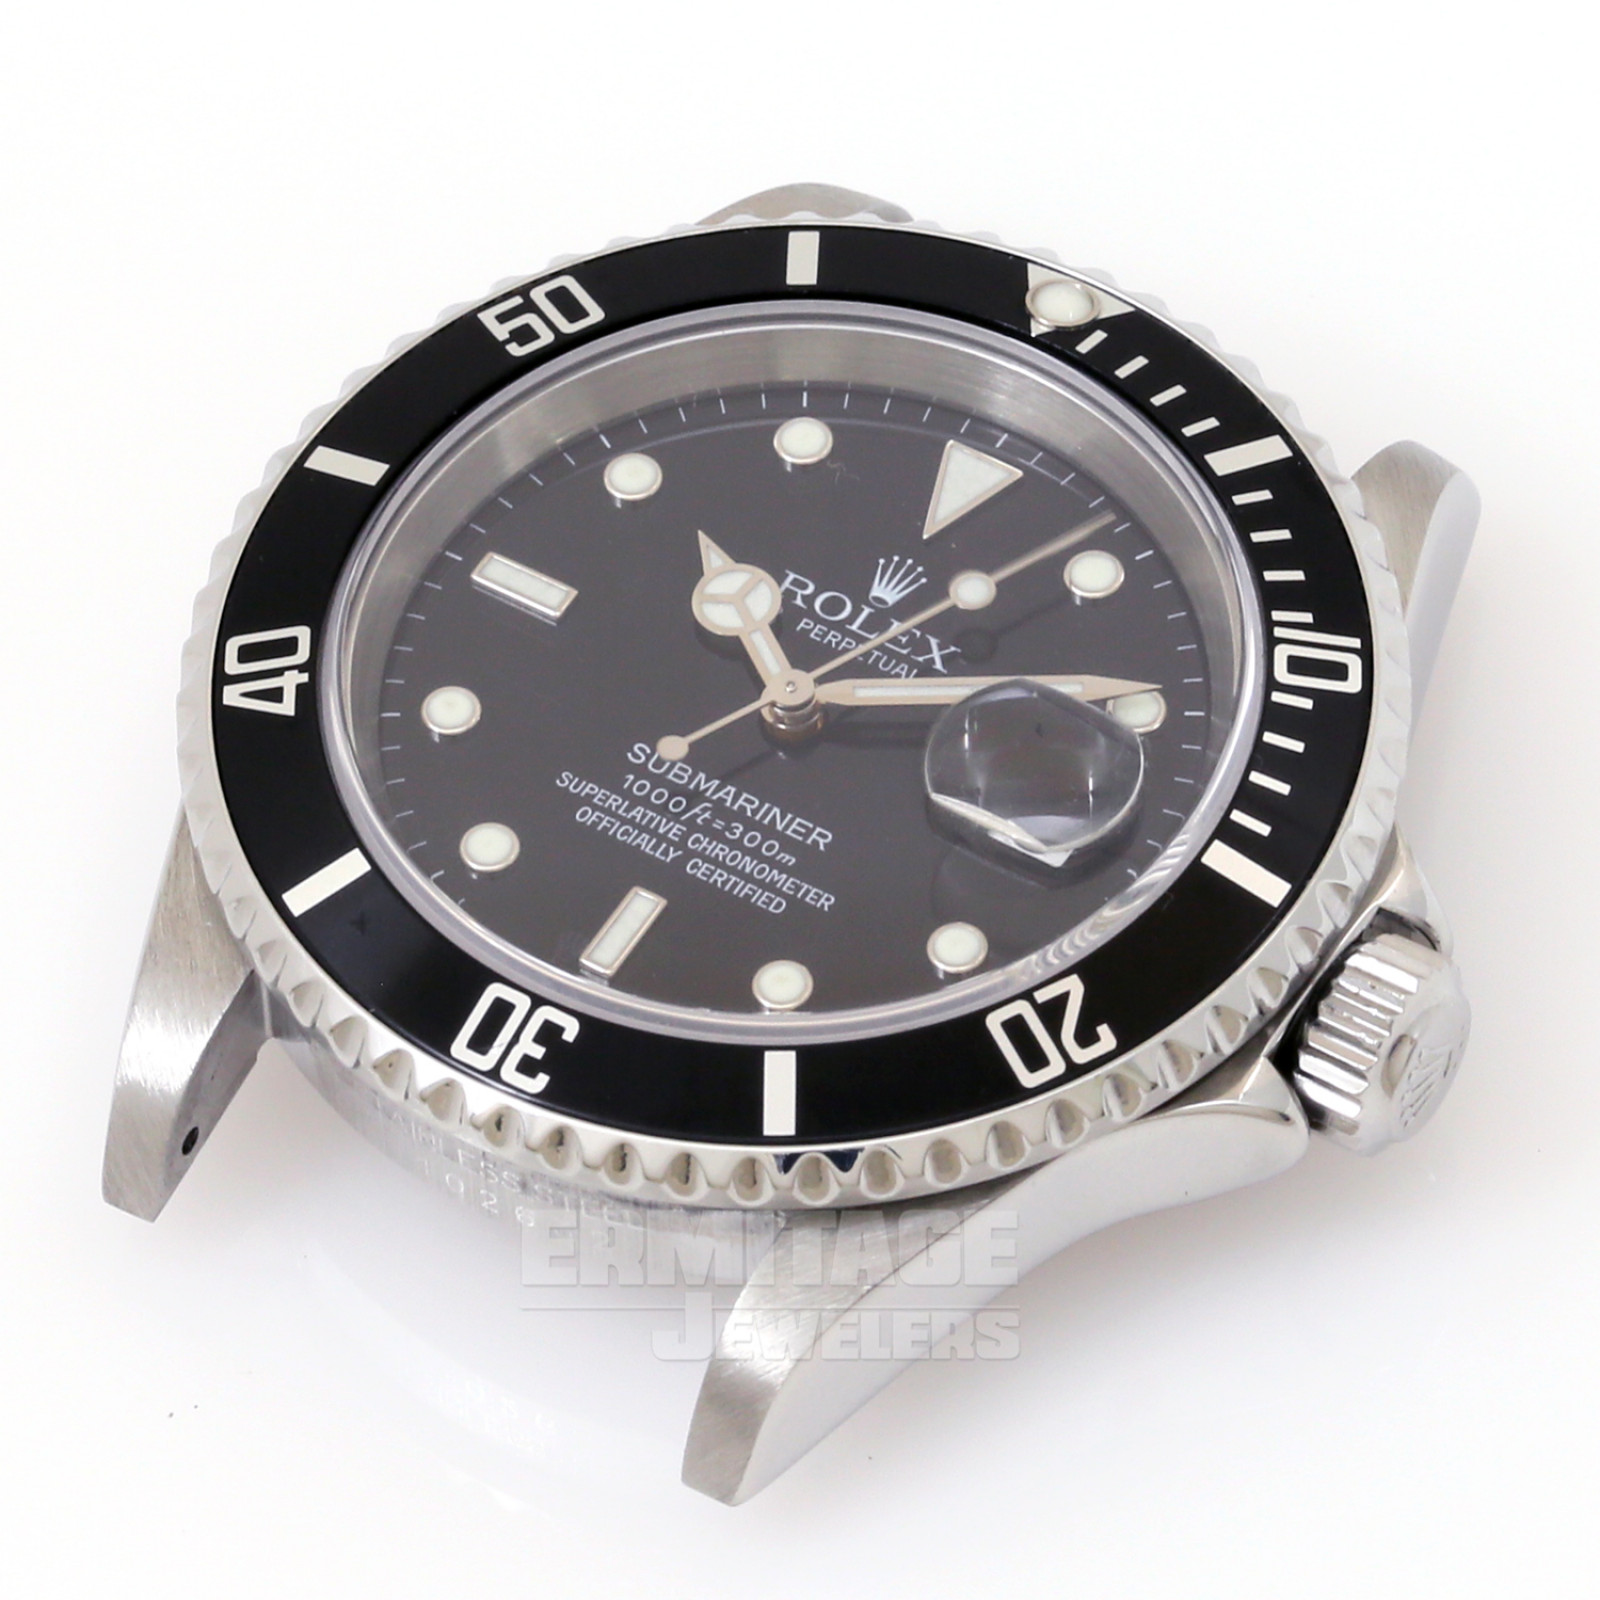 Rolex Submariner 16610 40 mm 2004